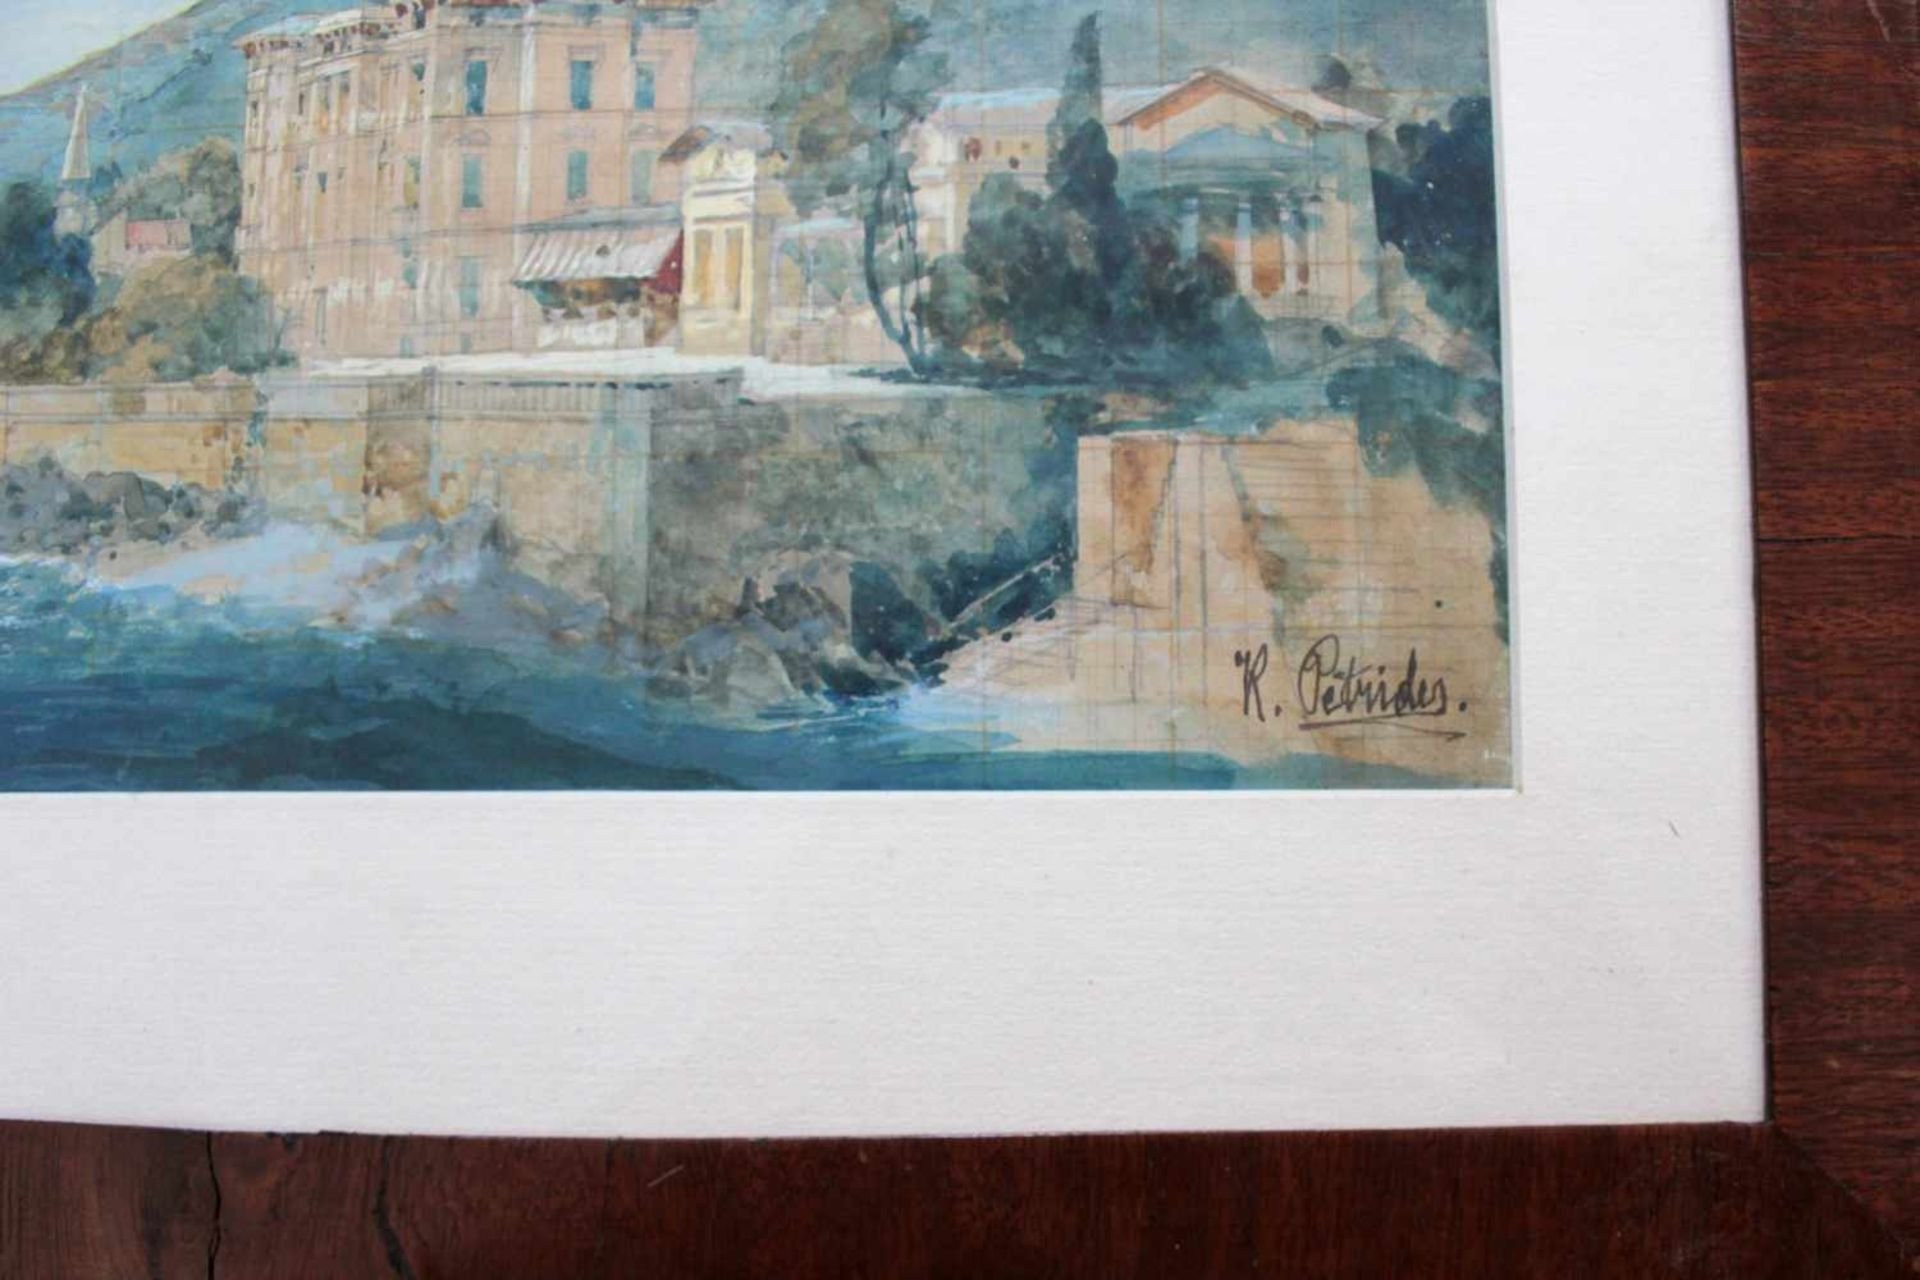 Konrad Petrides(1864 - 1943)Kroatische KüsteAquarell, Deckweiß gehöhtSigniert18 x 30 cm - Bild 2 aus 2